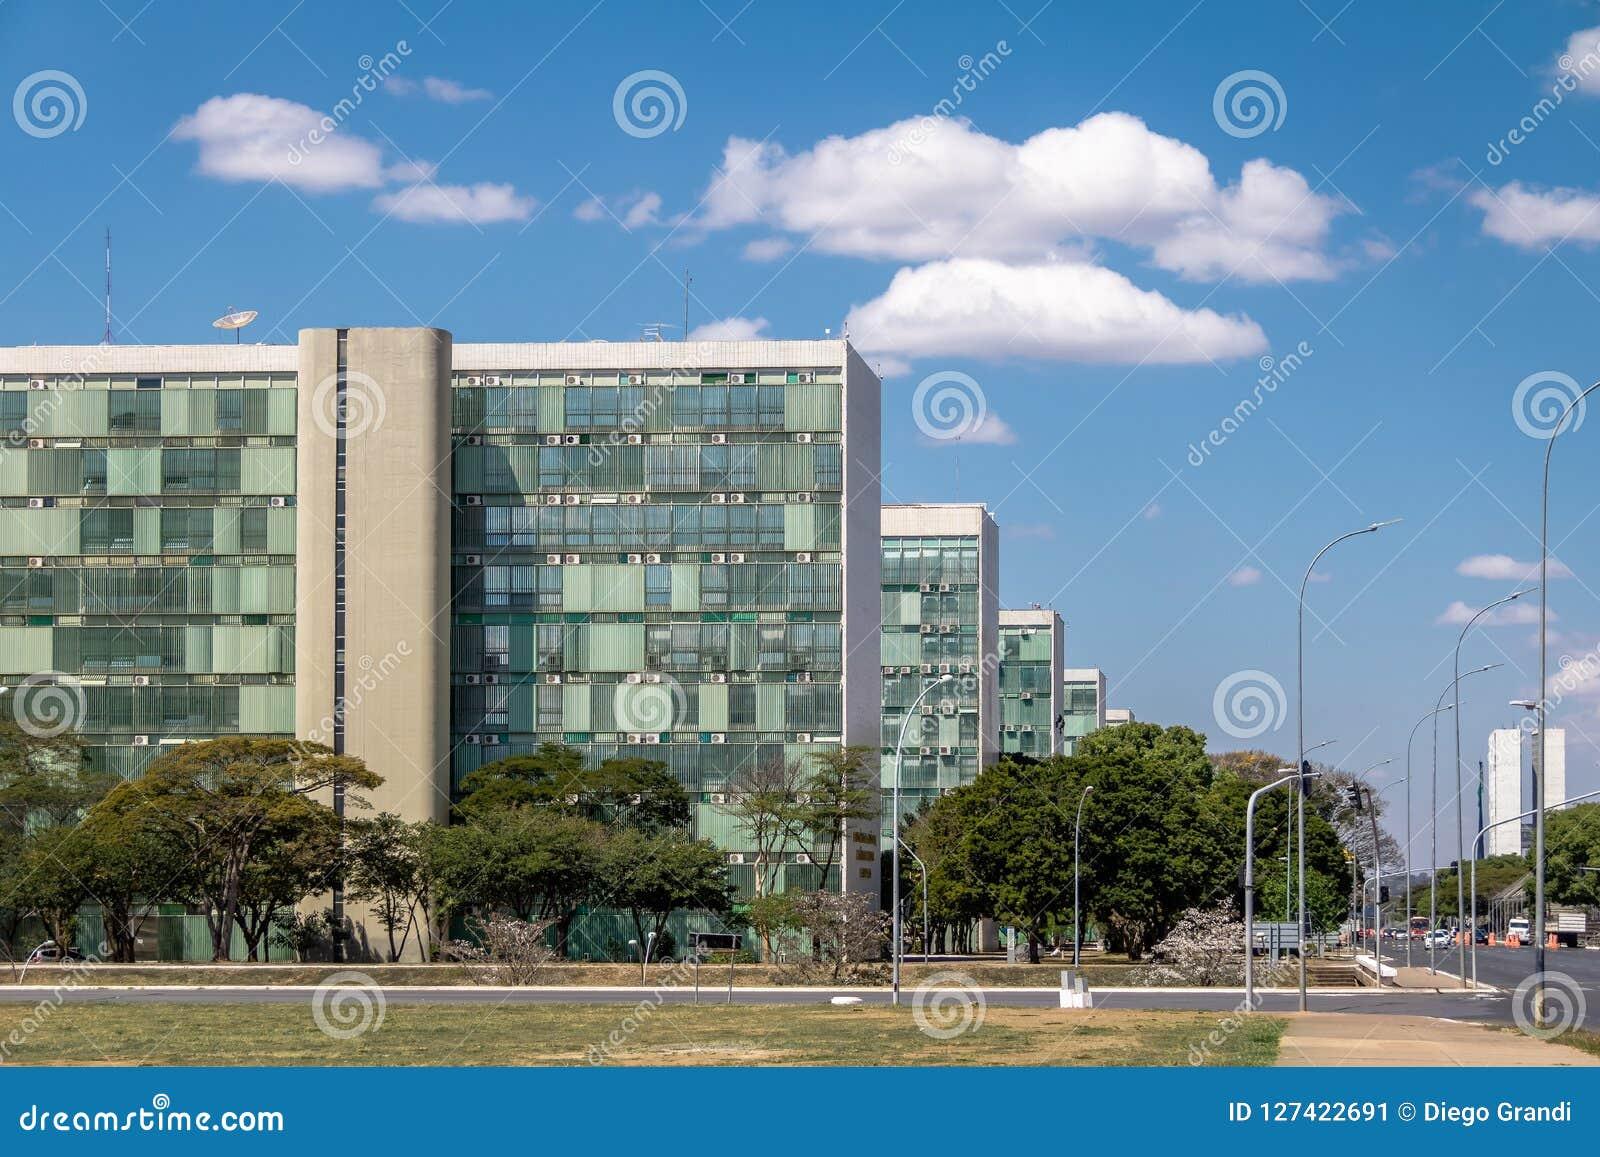 Здания на эспланаде Ministeries - офисы министерства правительственных ведомств - Brasilia, Distrito федеральное, Бразилия